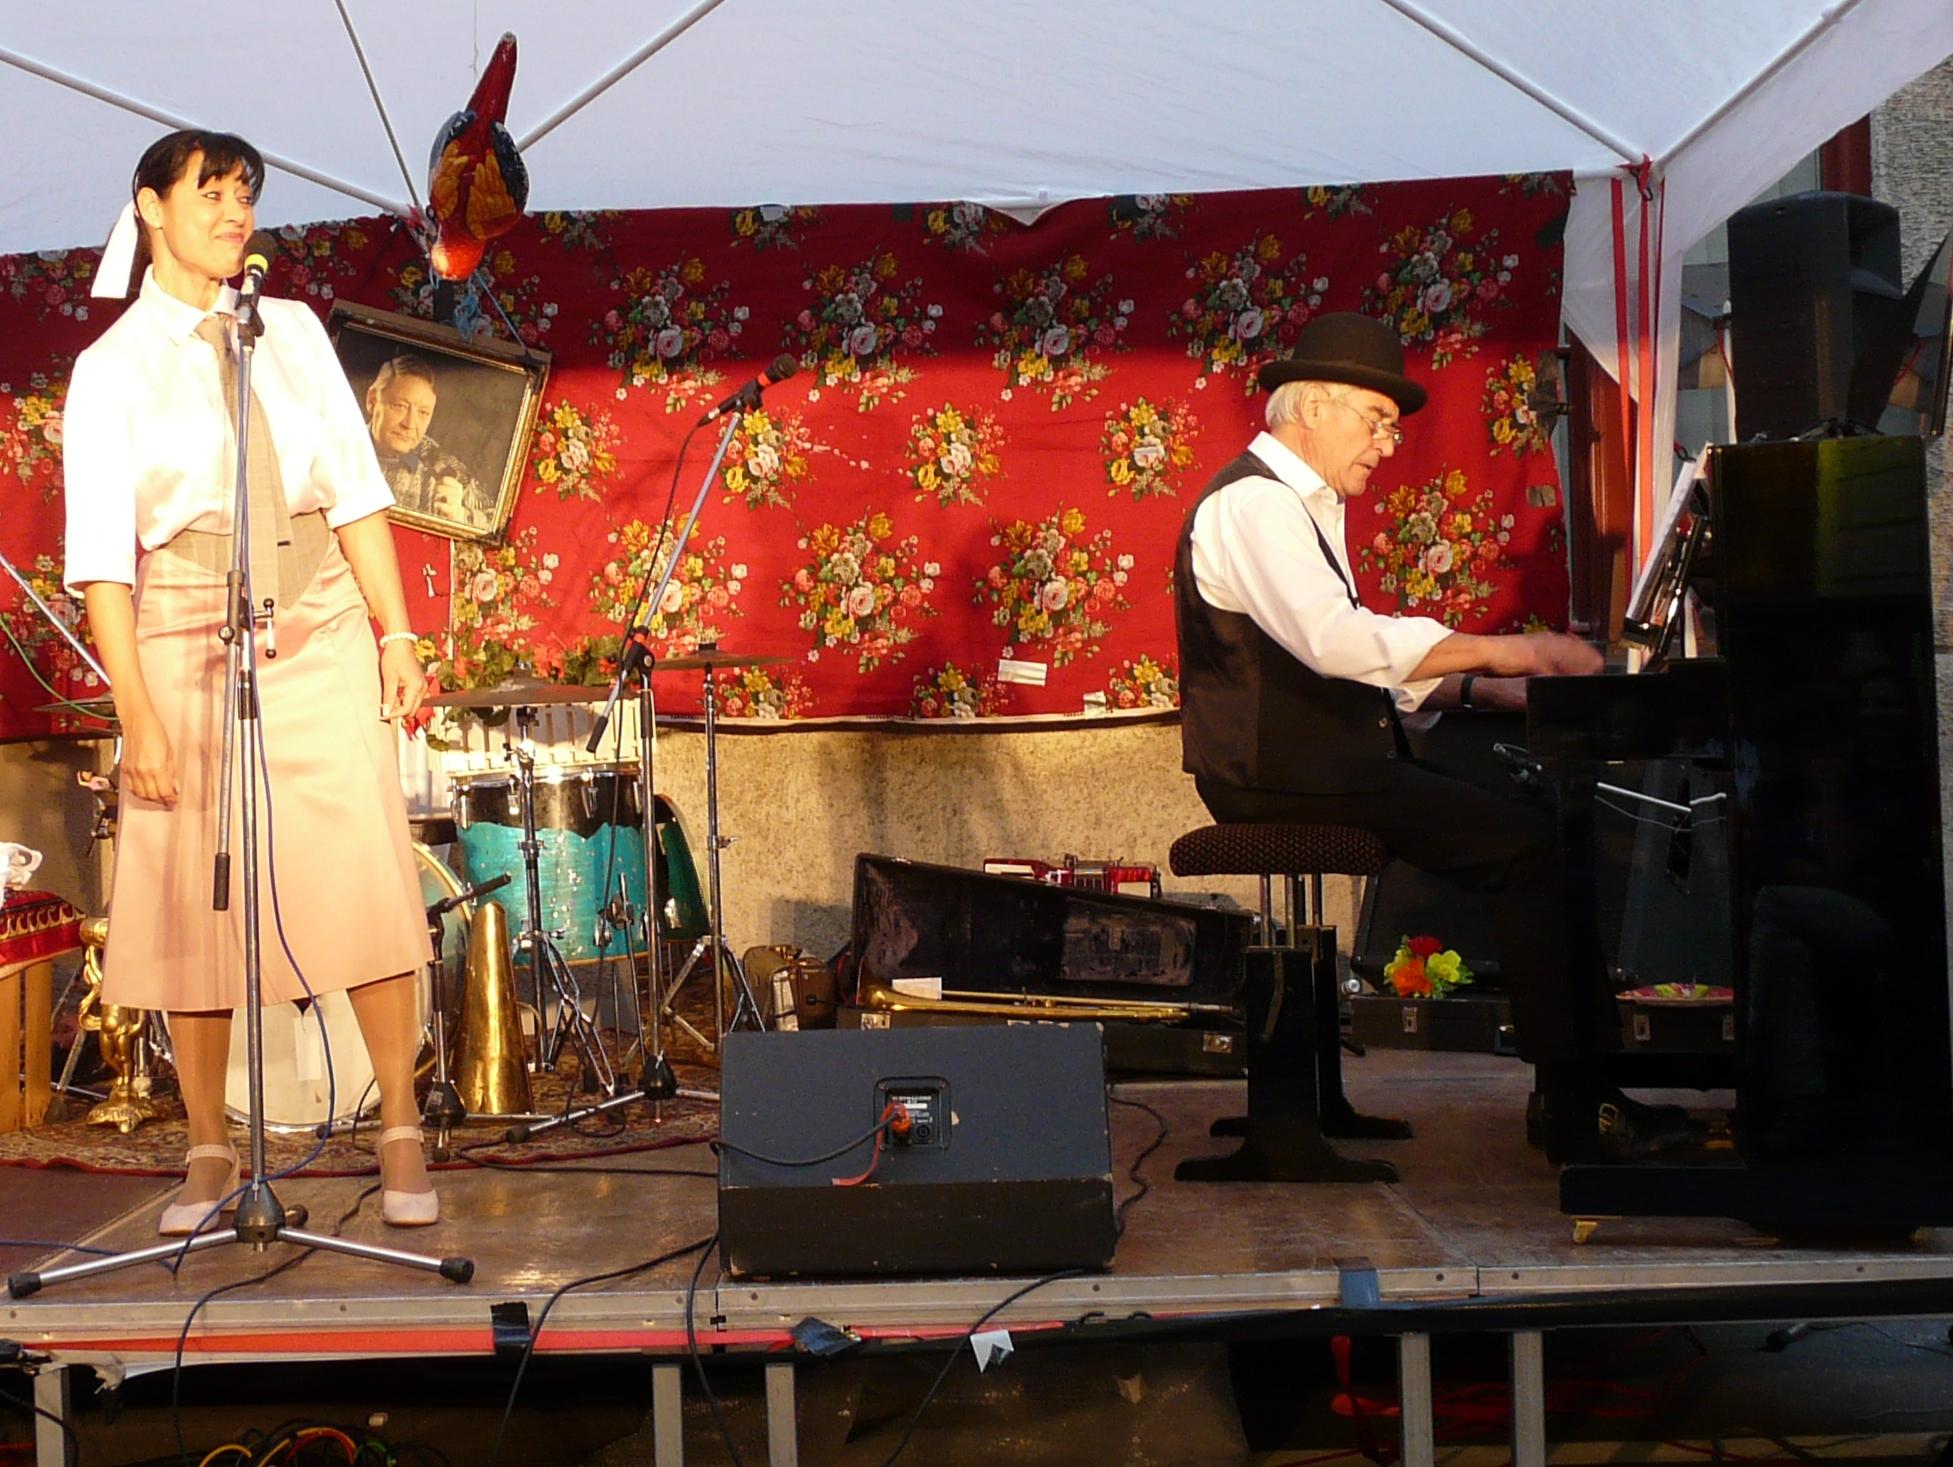 Konzerte im Bürgerhof 24.06.10 Karin Kurzendörfer und  Adi Meixner - Freiwilligen-Zentrum Augsburg - Foto: Gabriele Böck